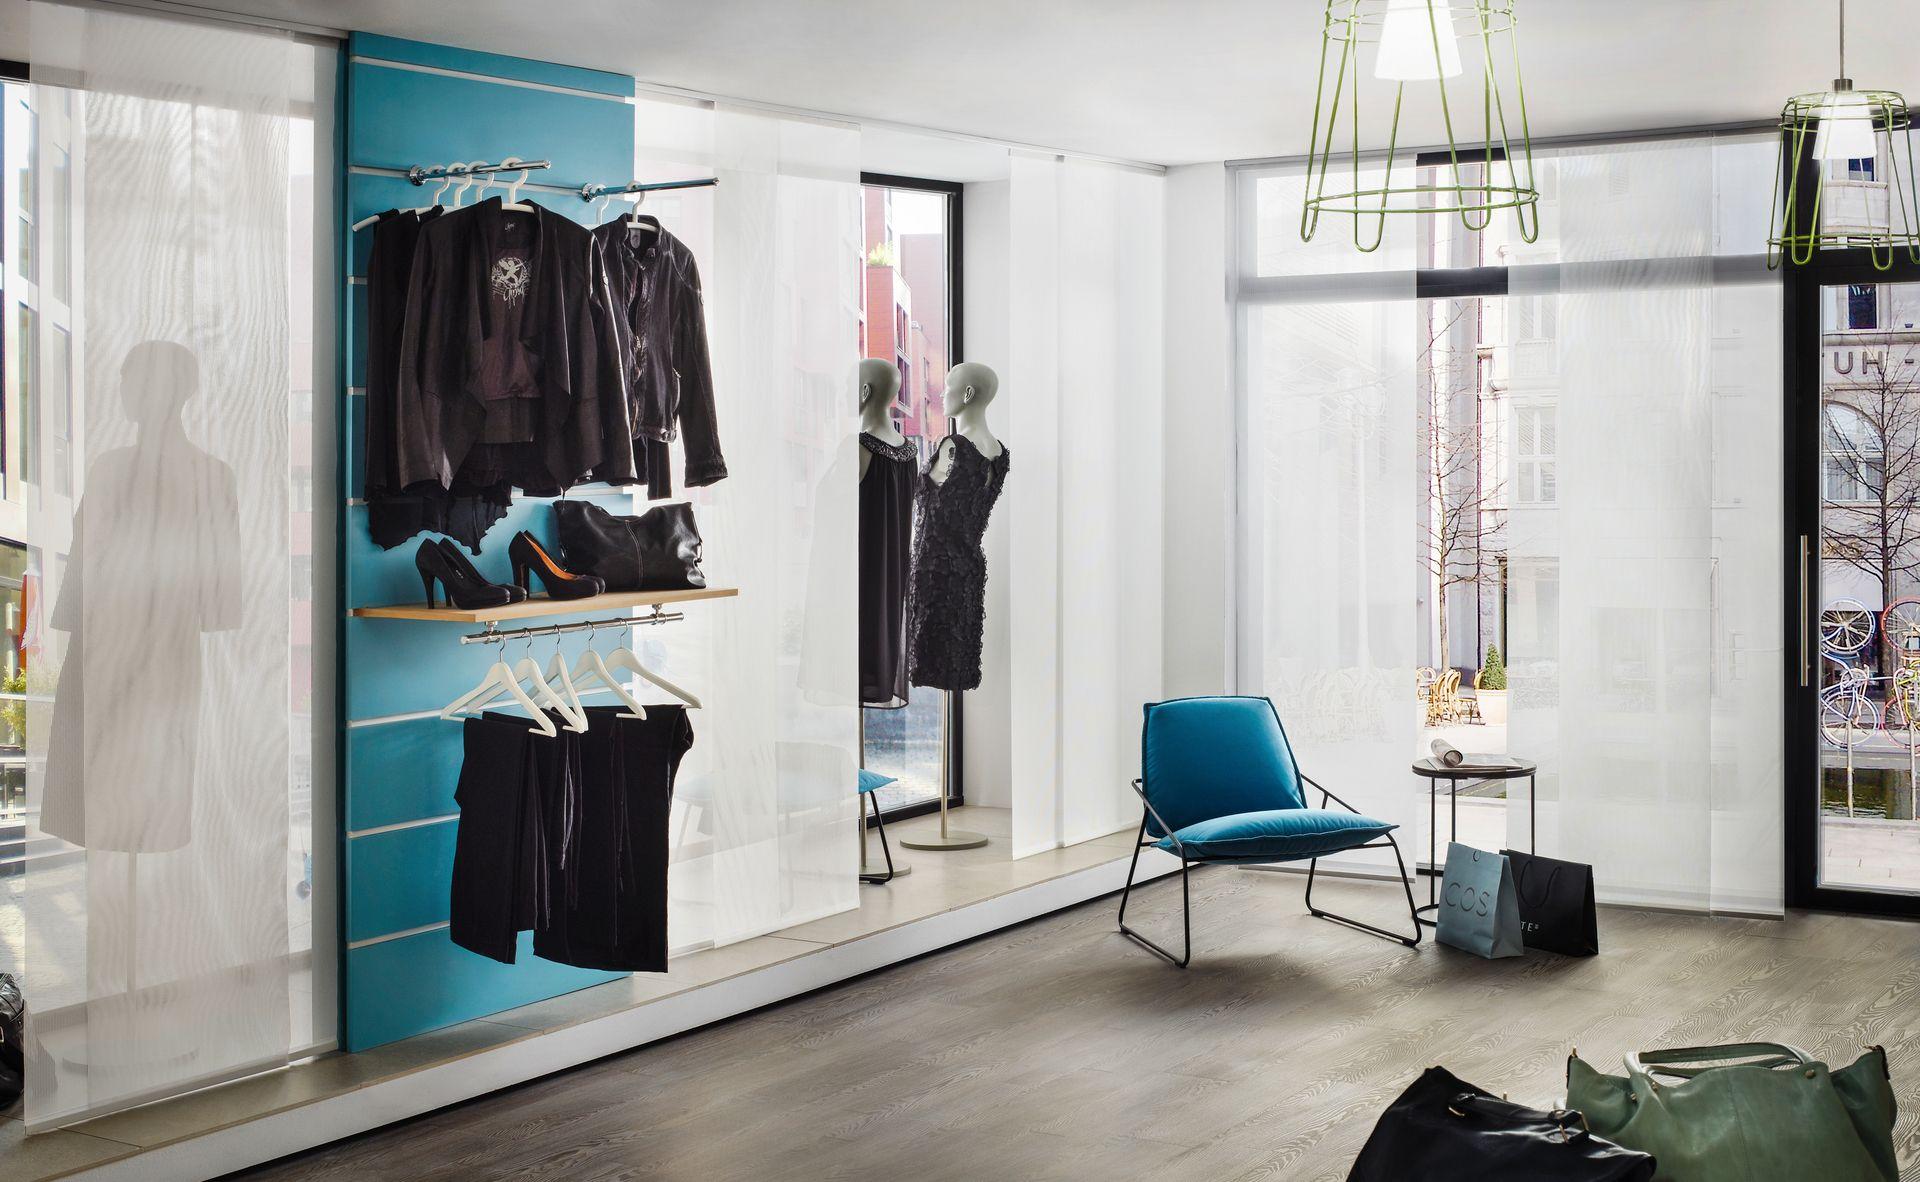 fl chenvorh nge ais. Black Bedroom Furniture Sets. Home Design Ideas